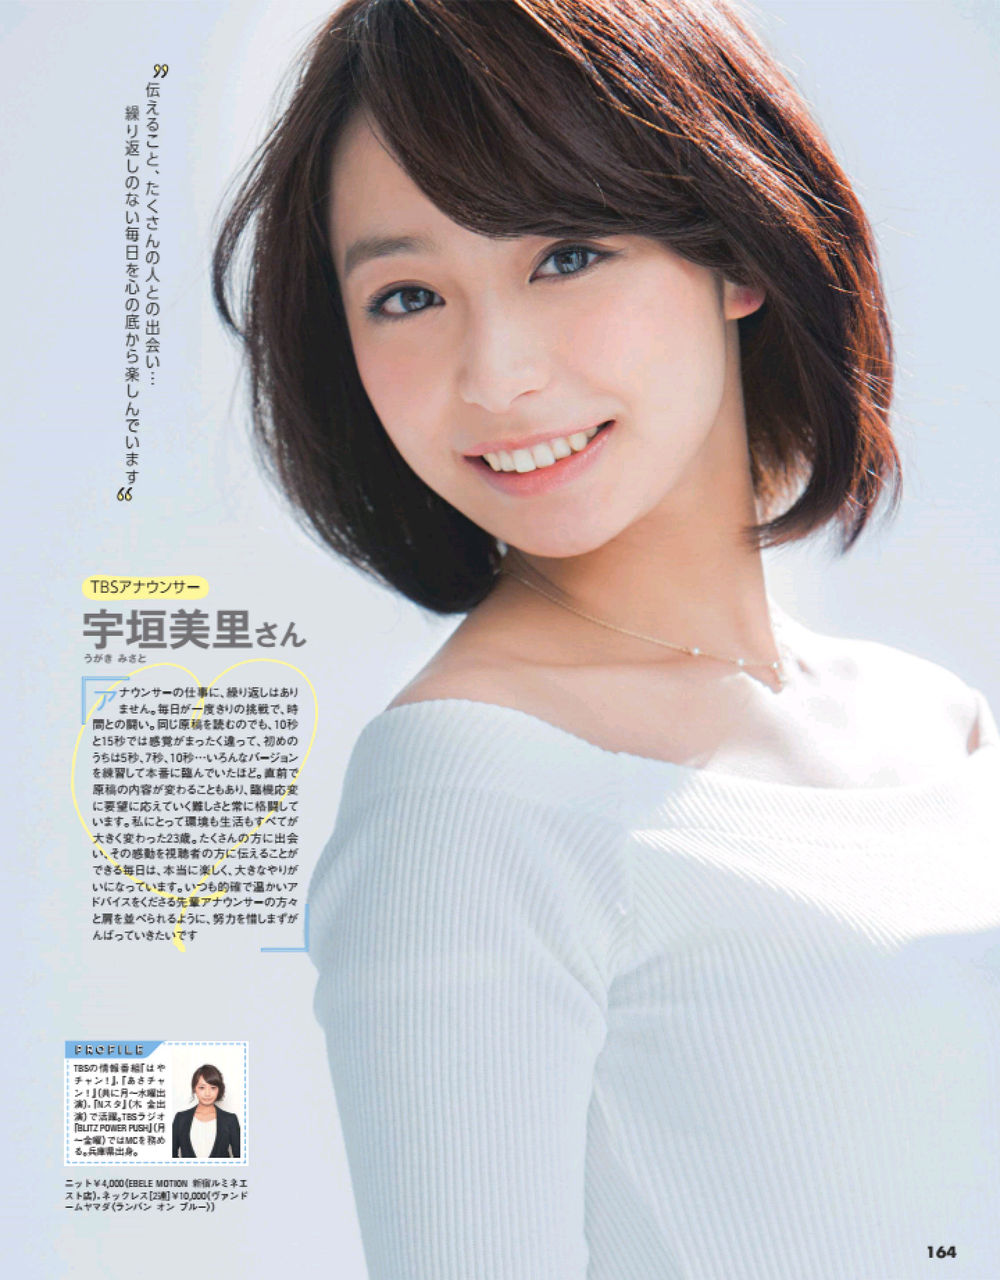 宇垣様おはようございます。。TBS☆宇垣美里アナに朝から萌える人続出 (*´艸`)゚